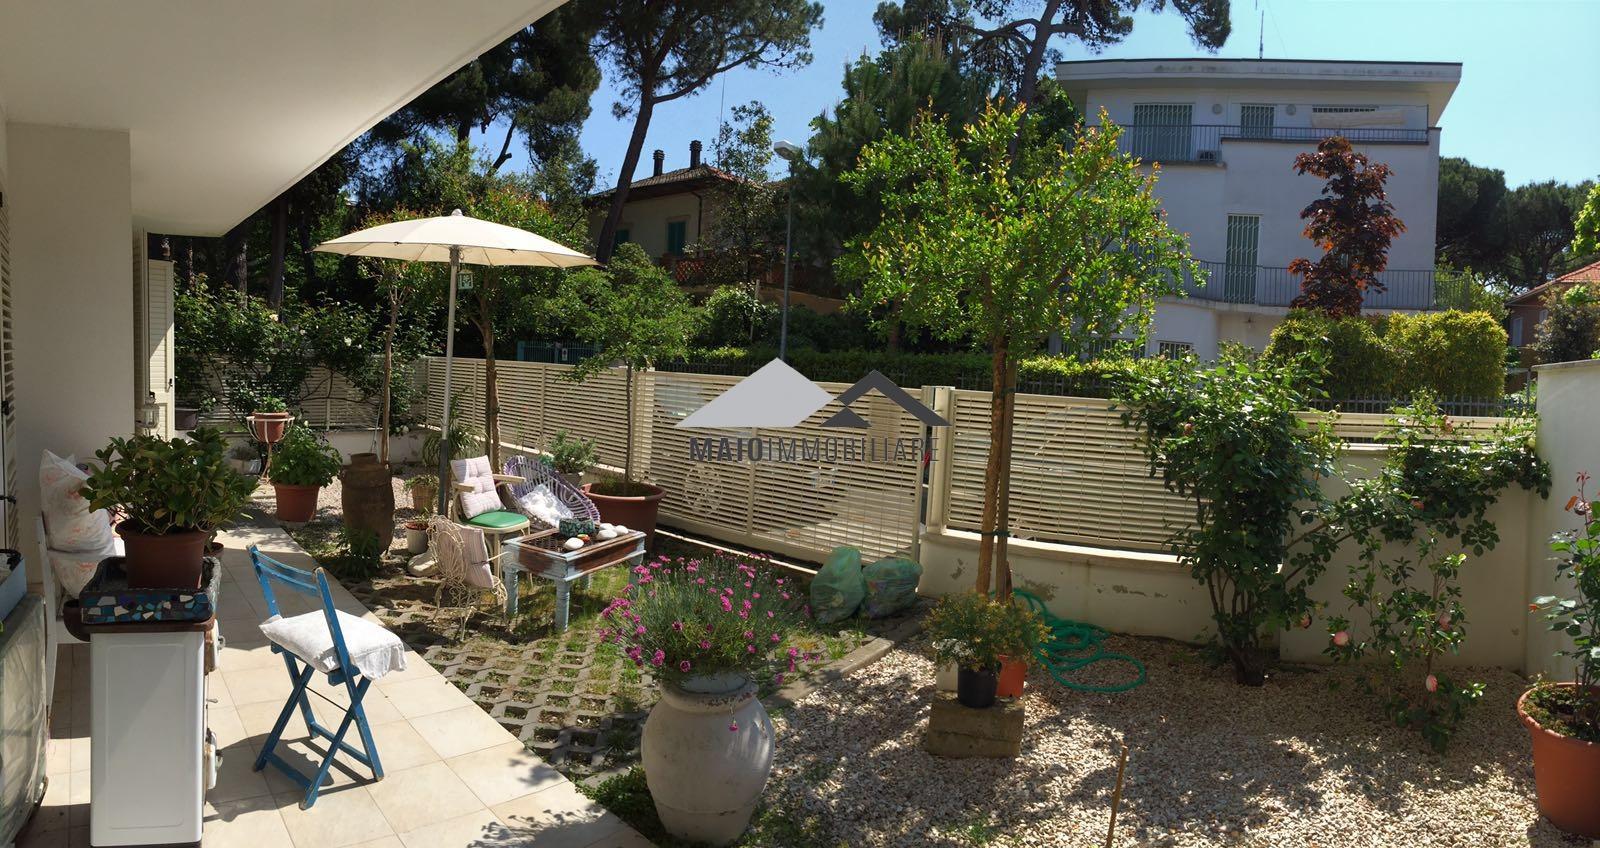 Appartamento in vendita a Riccione, 3 locali, zona Località: ABISSINIA, prezzo € 450.000   Cambio Casa.it